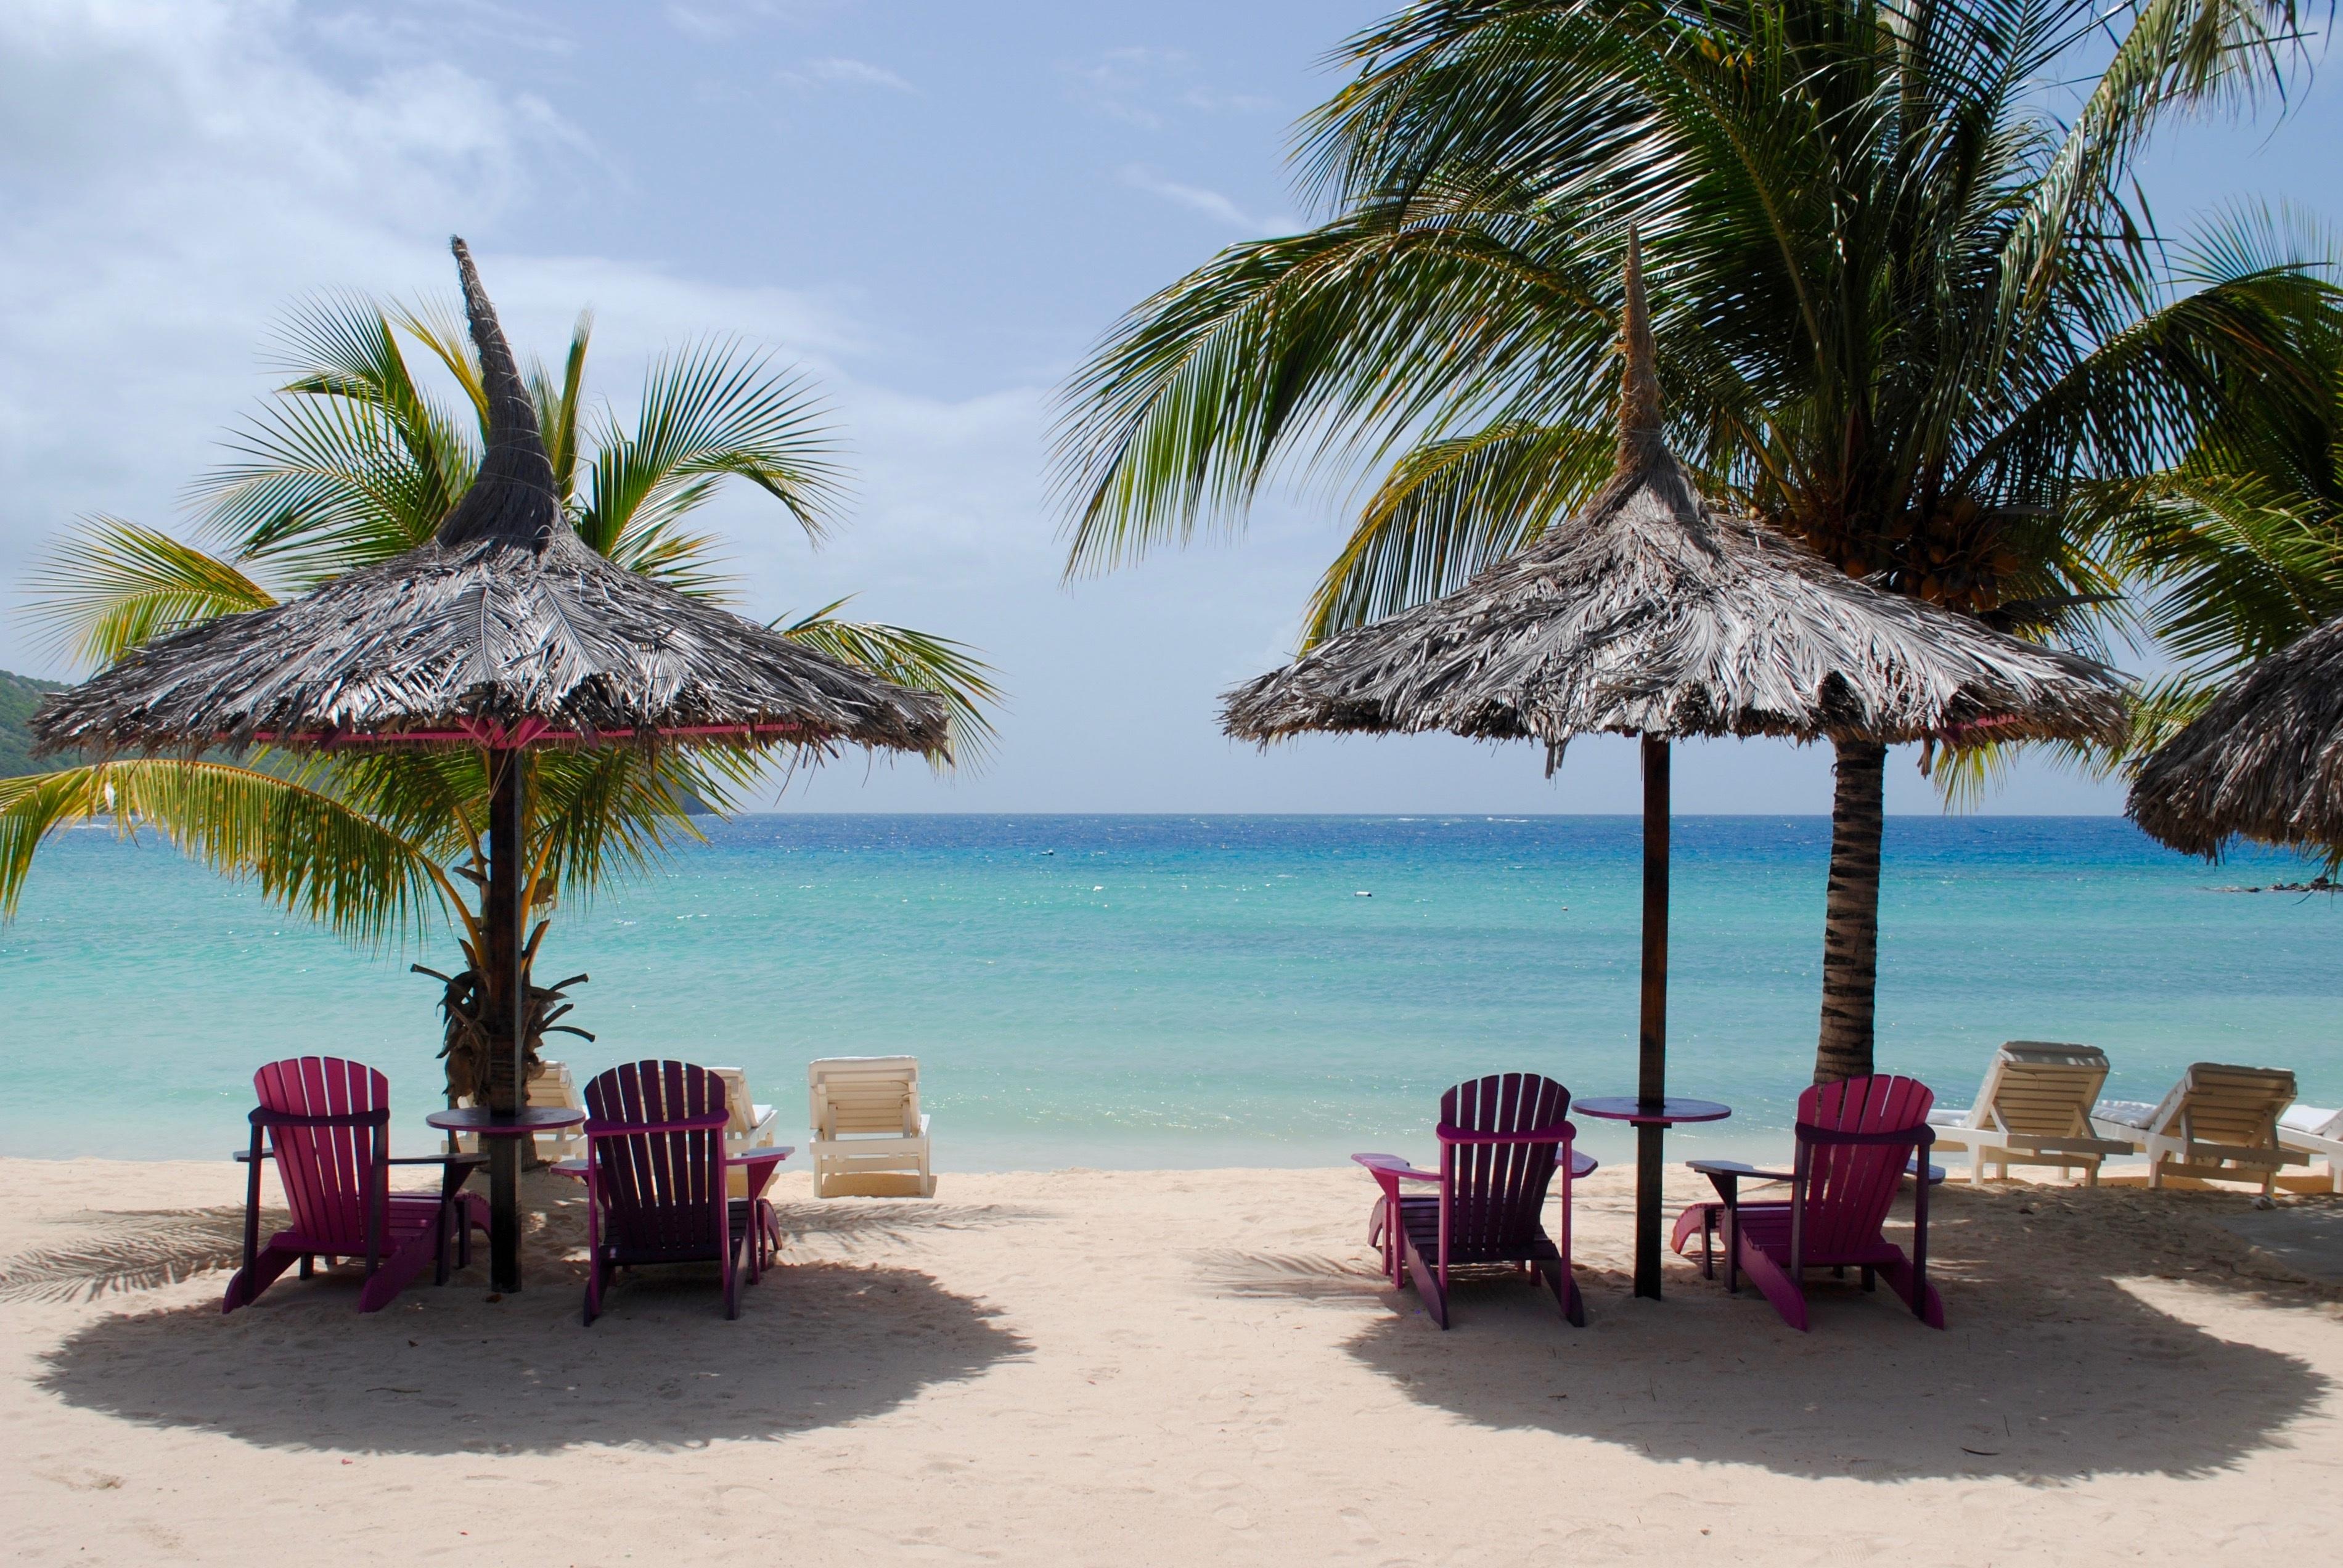 рунический картинки карибский пляж первому впечатлению остров